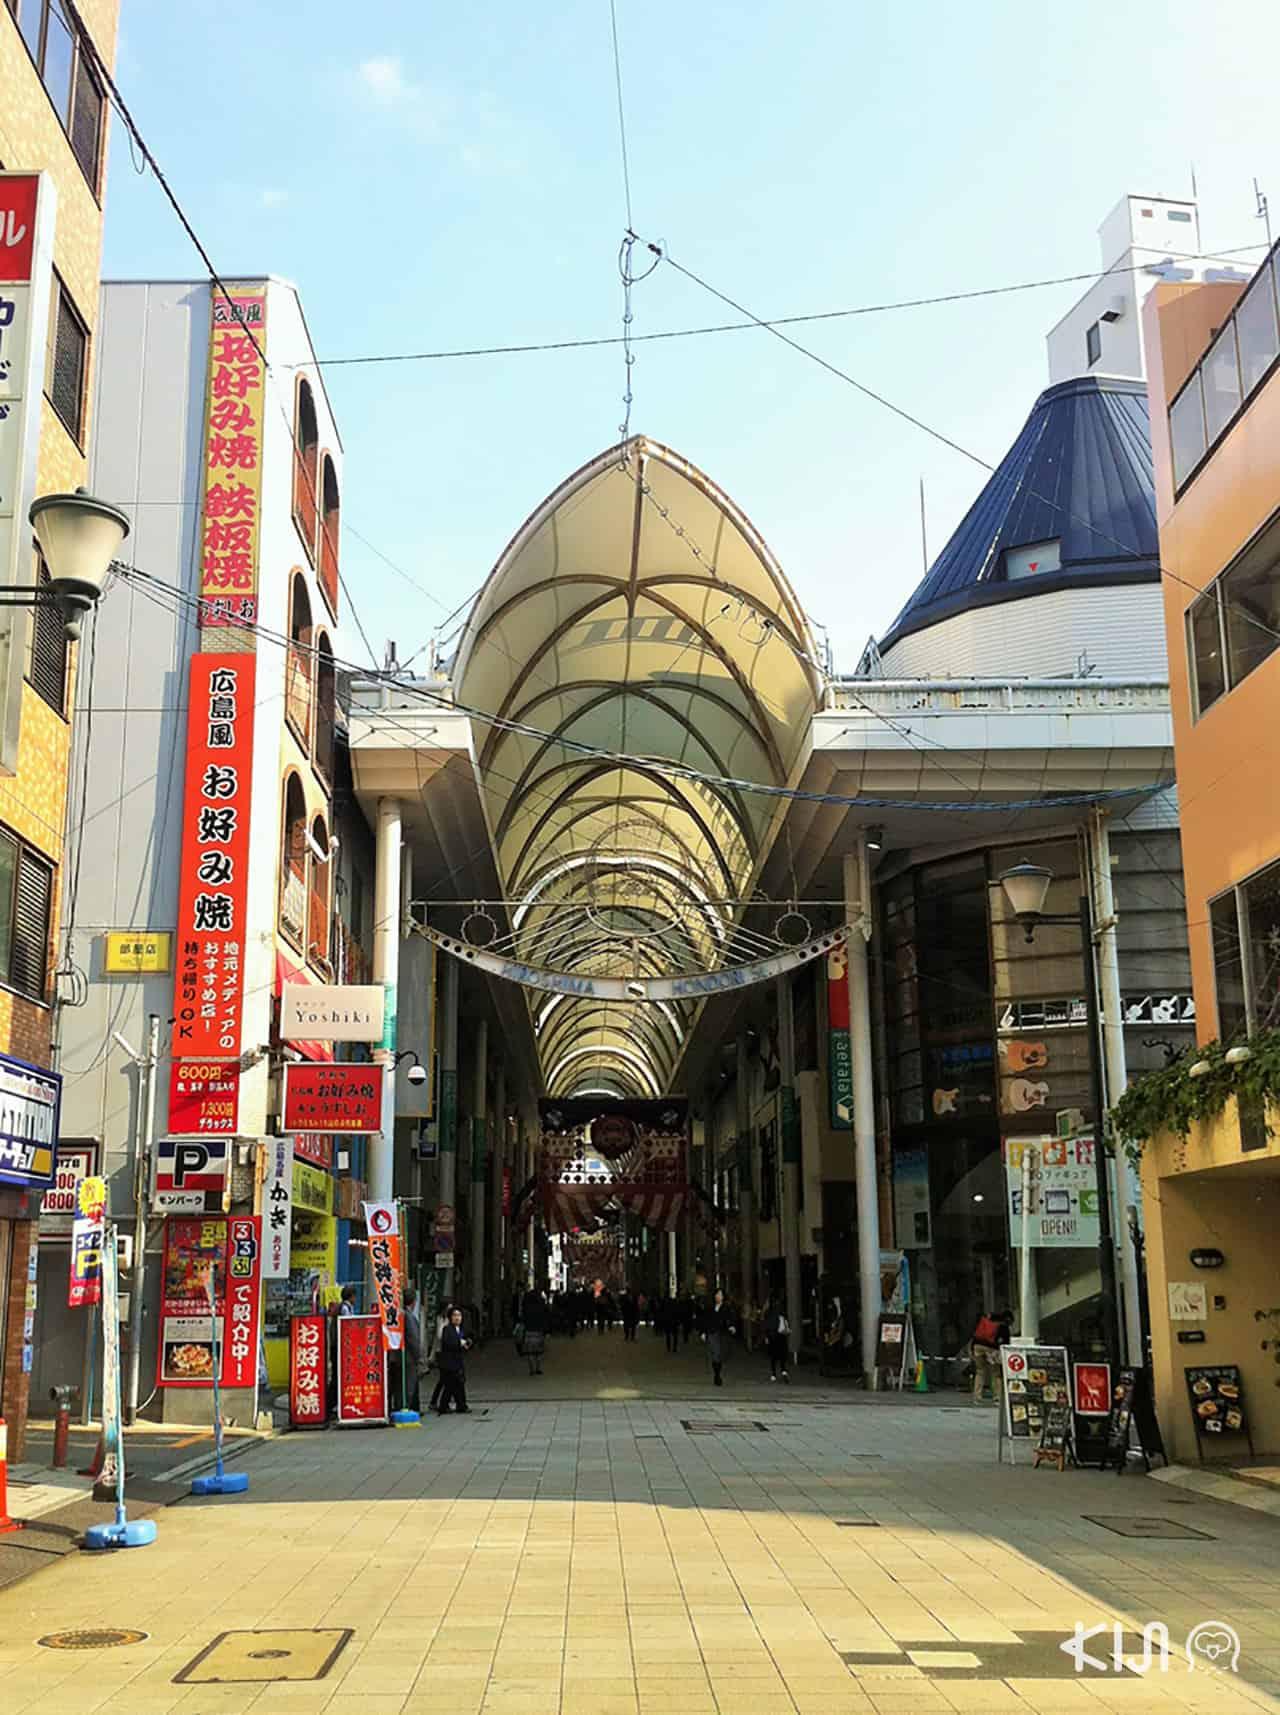 ถนนช็อปปิ้งฮอนโดริ (Hondori Shopping Street)